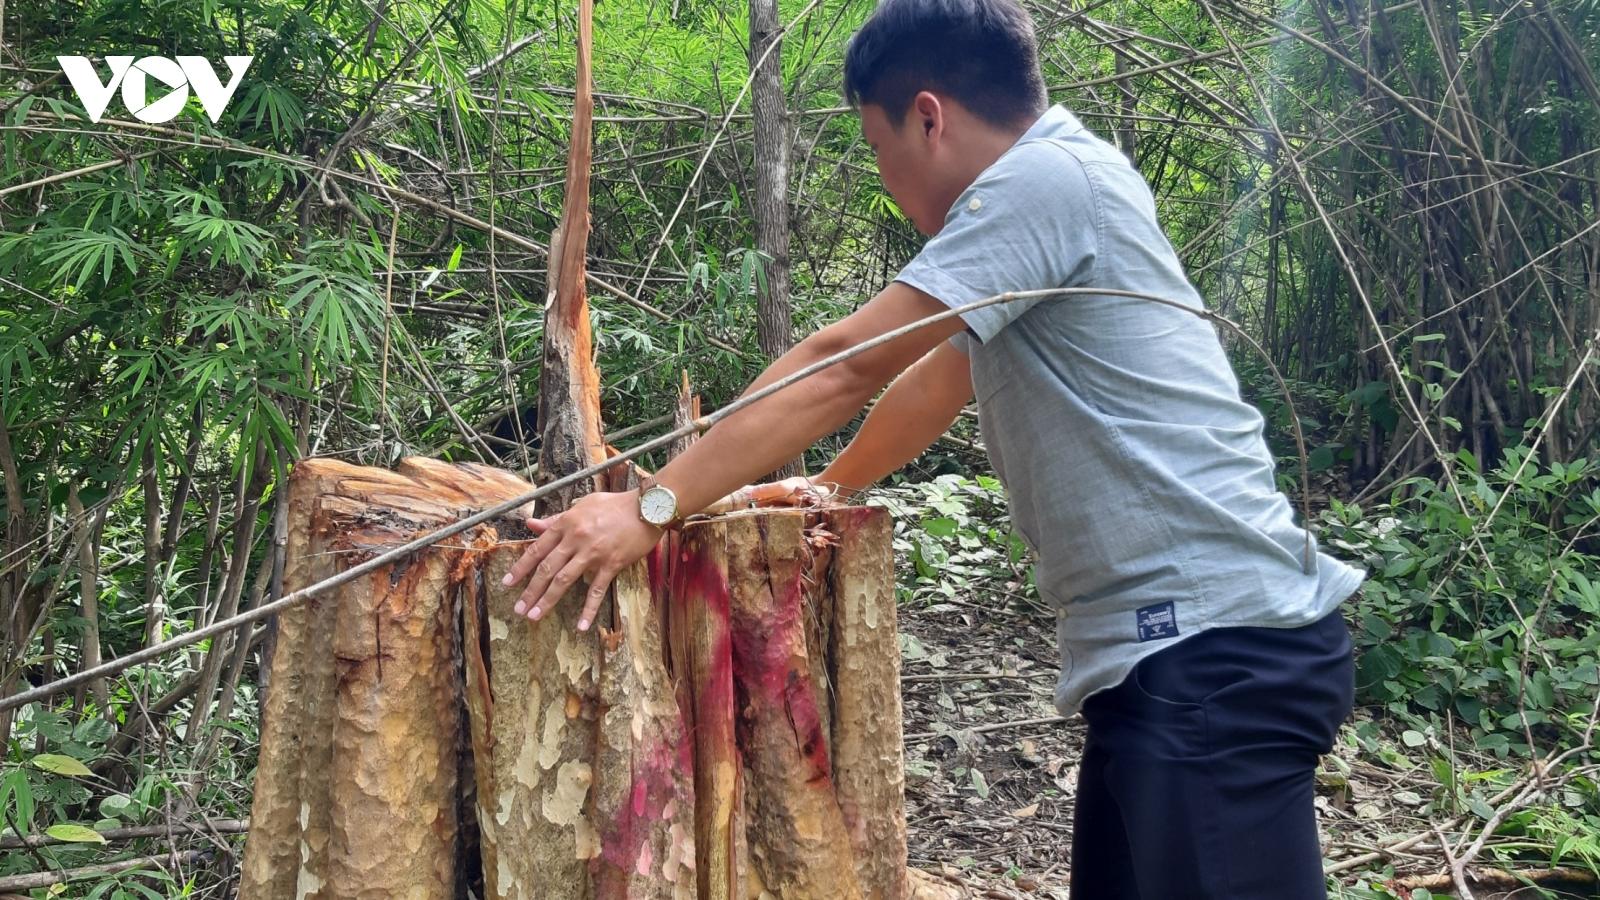 Khai thác gỗ trái phép, một người ở Gia Lai bị gỗ đè chết